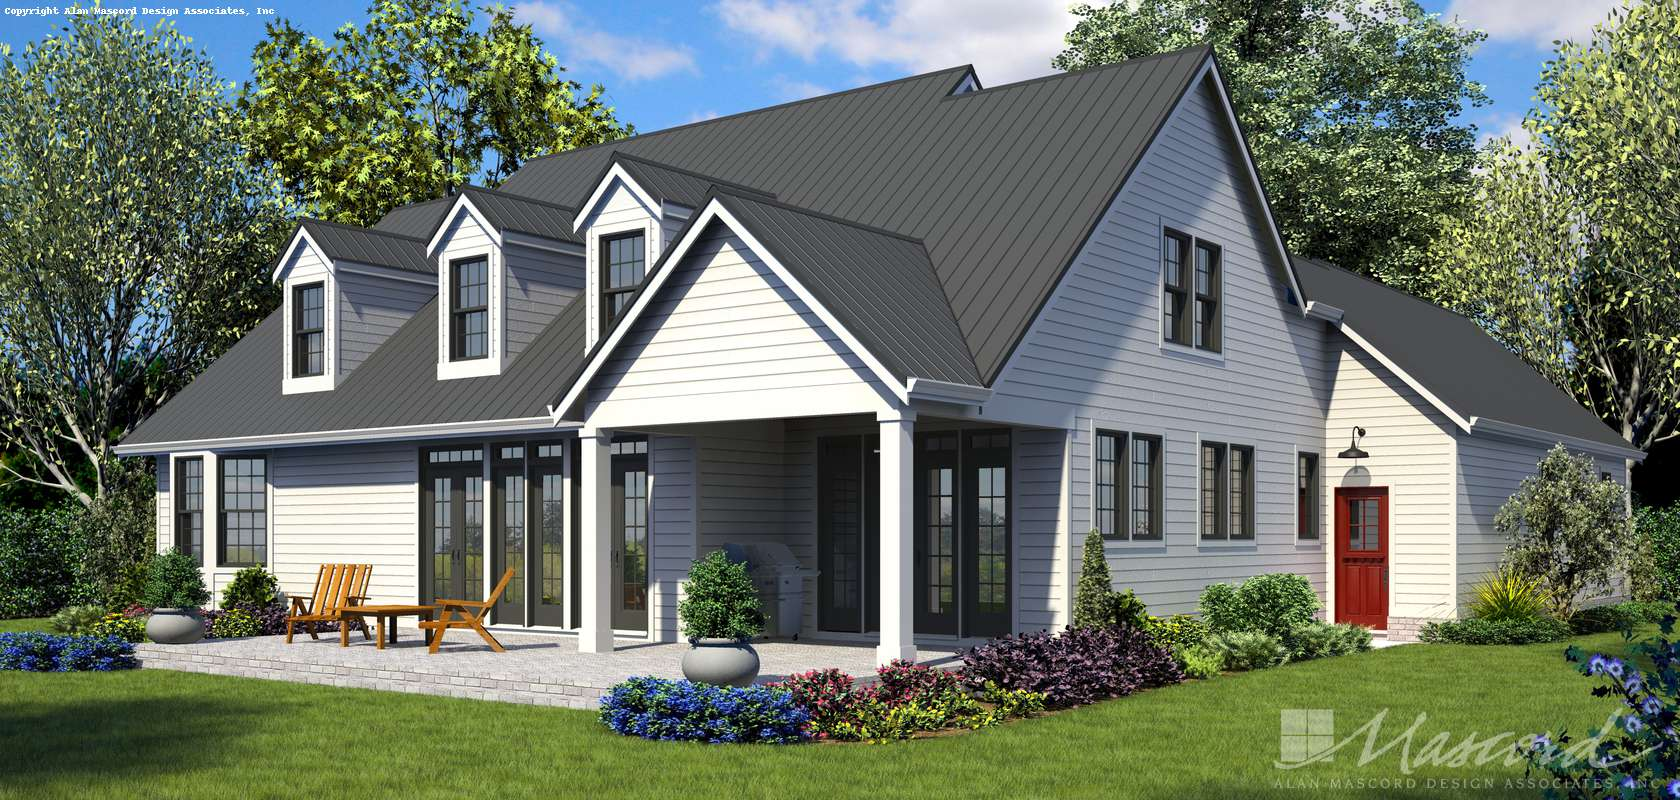 Mascord House Plan 22120: The Covington